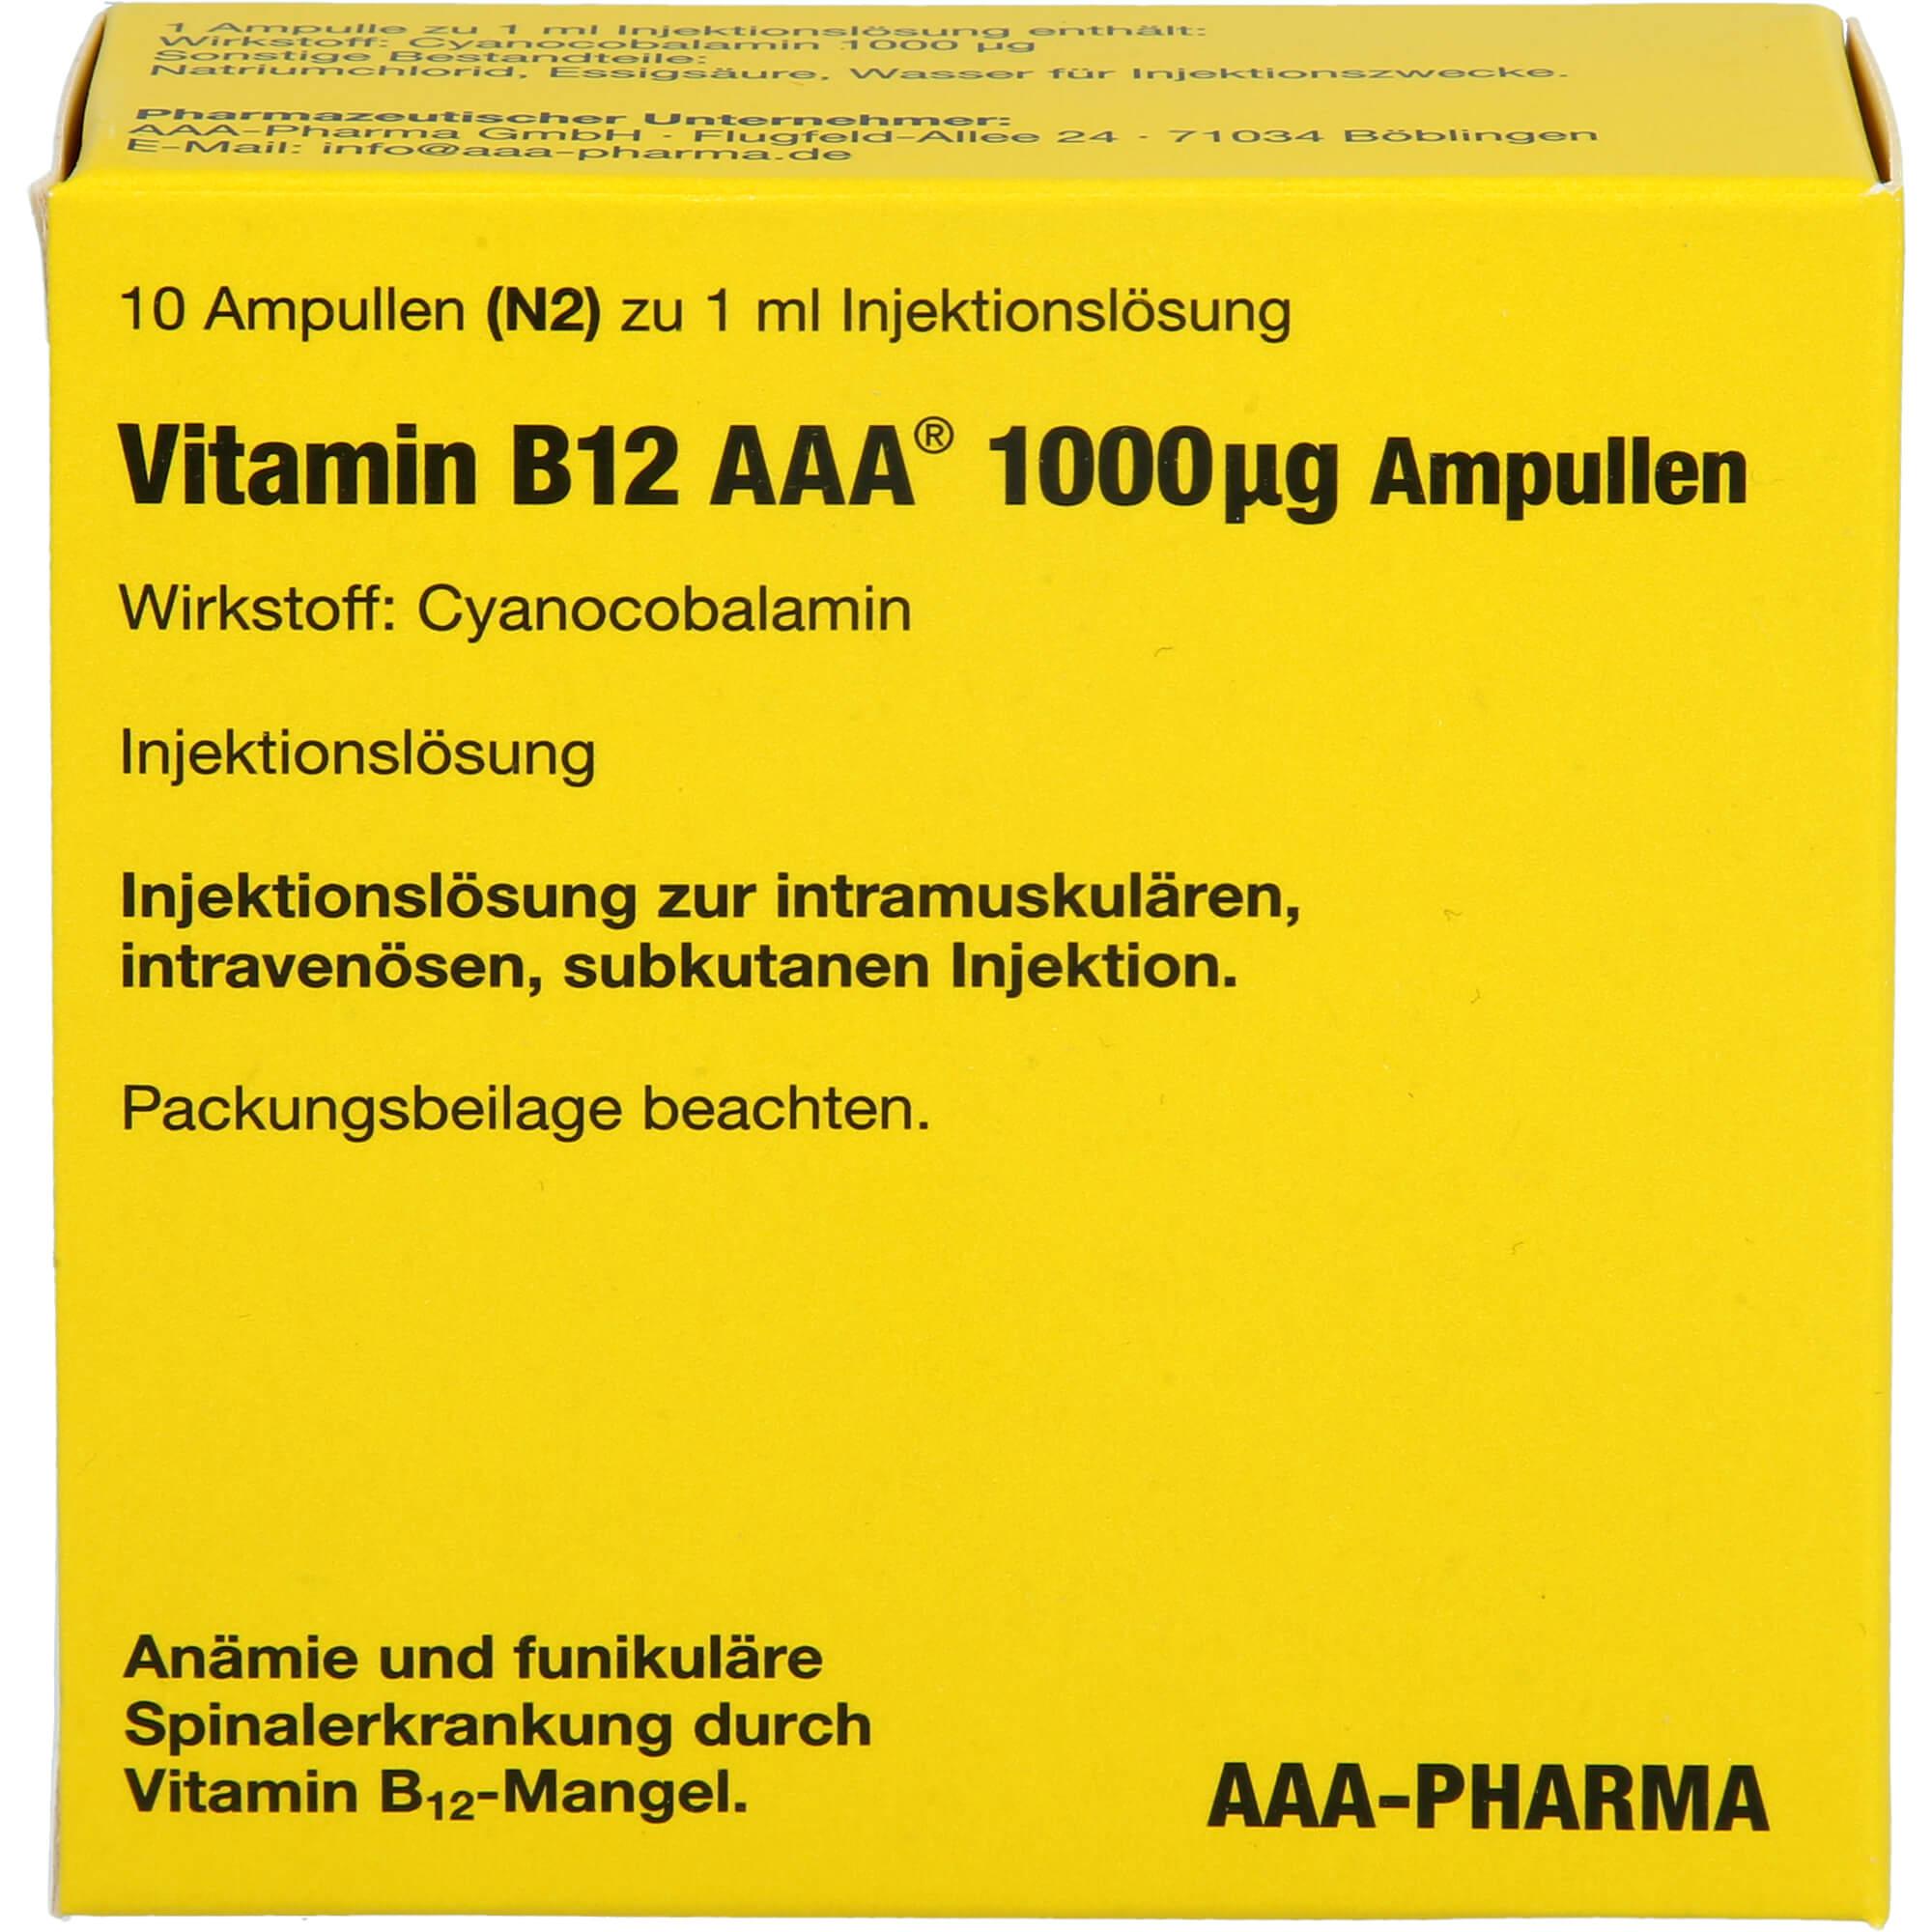 VITAMIN-B12-AAA-1000-mg-Ampullen